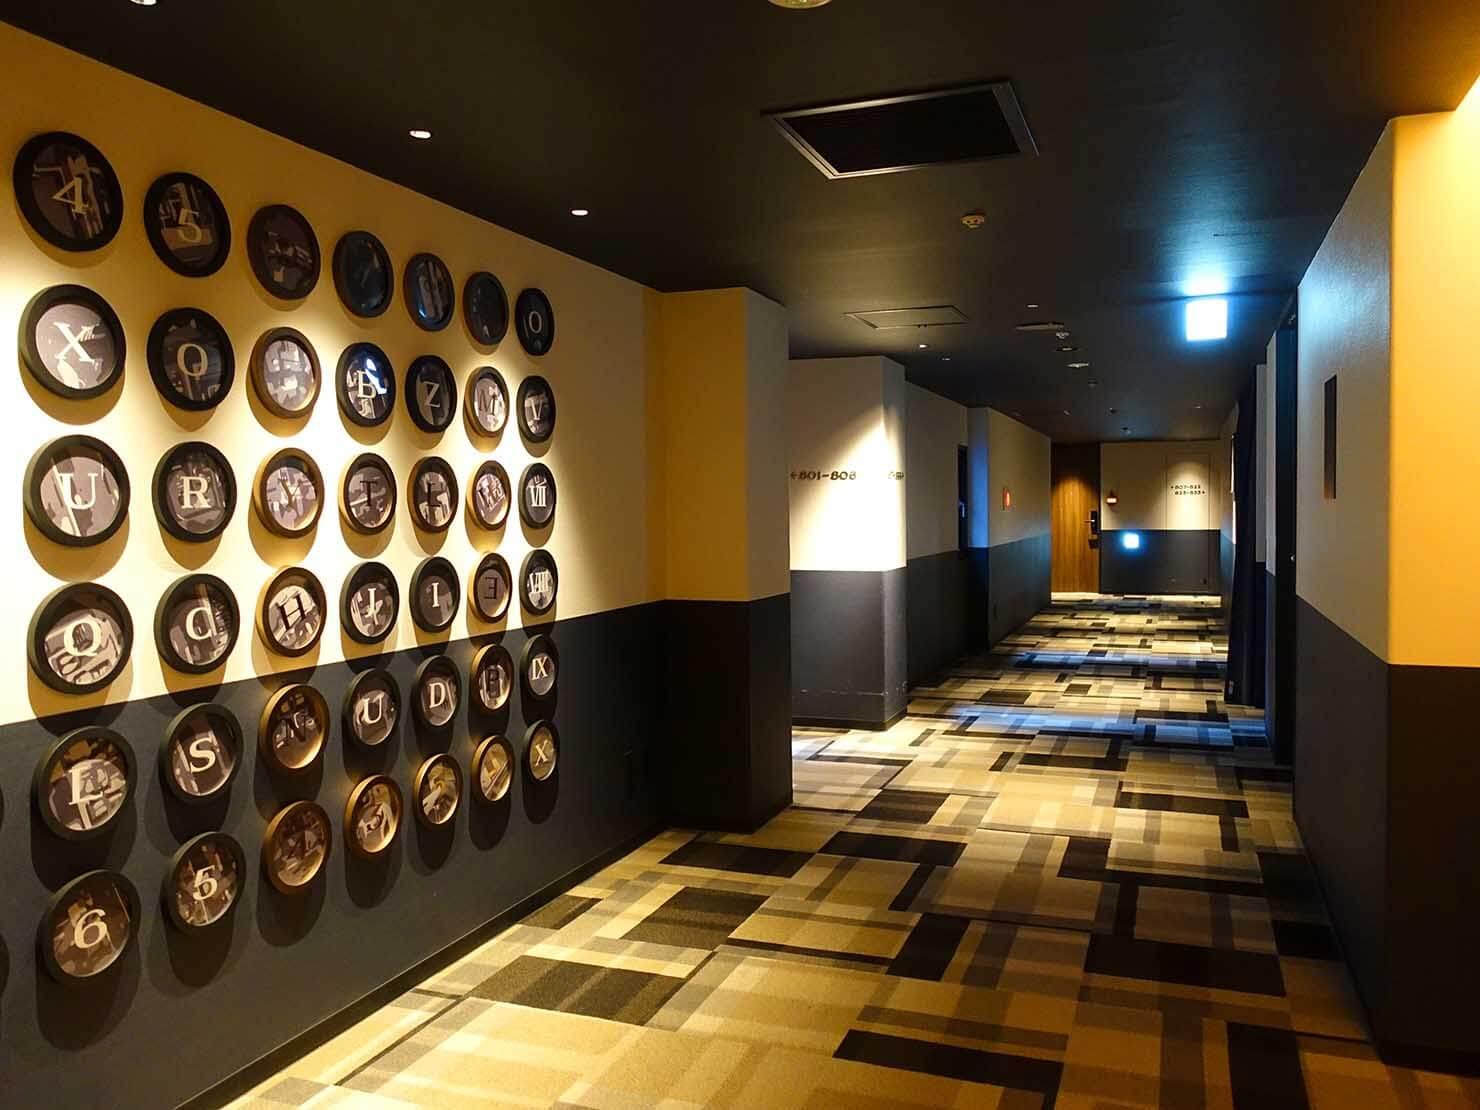 福岡・中洲川端にあるおしゃれなおすすめホテル「THE LIVELY」のエレベーターホール